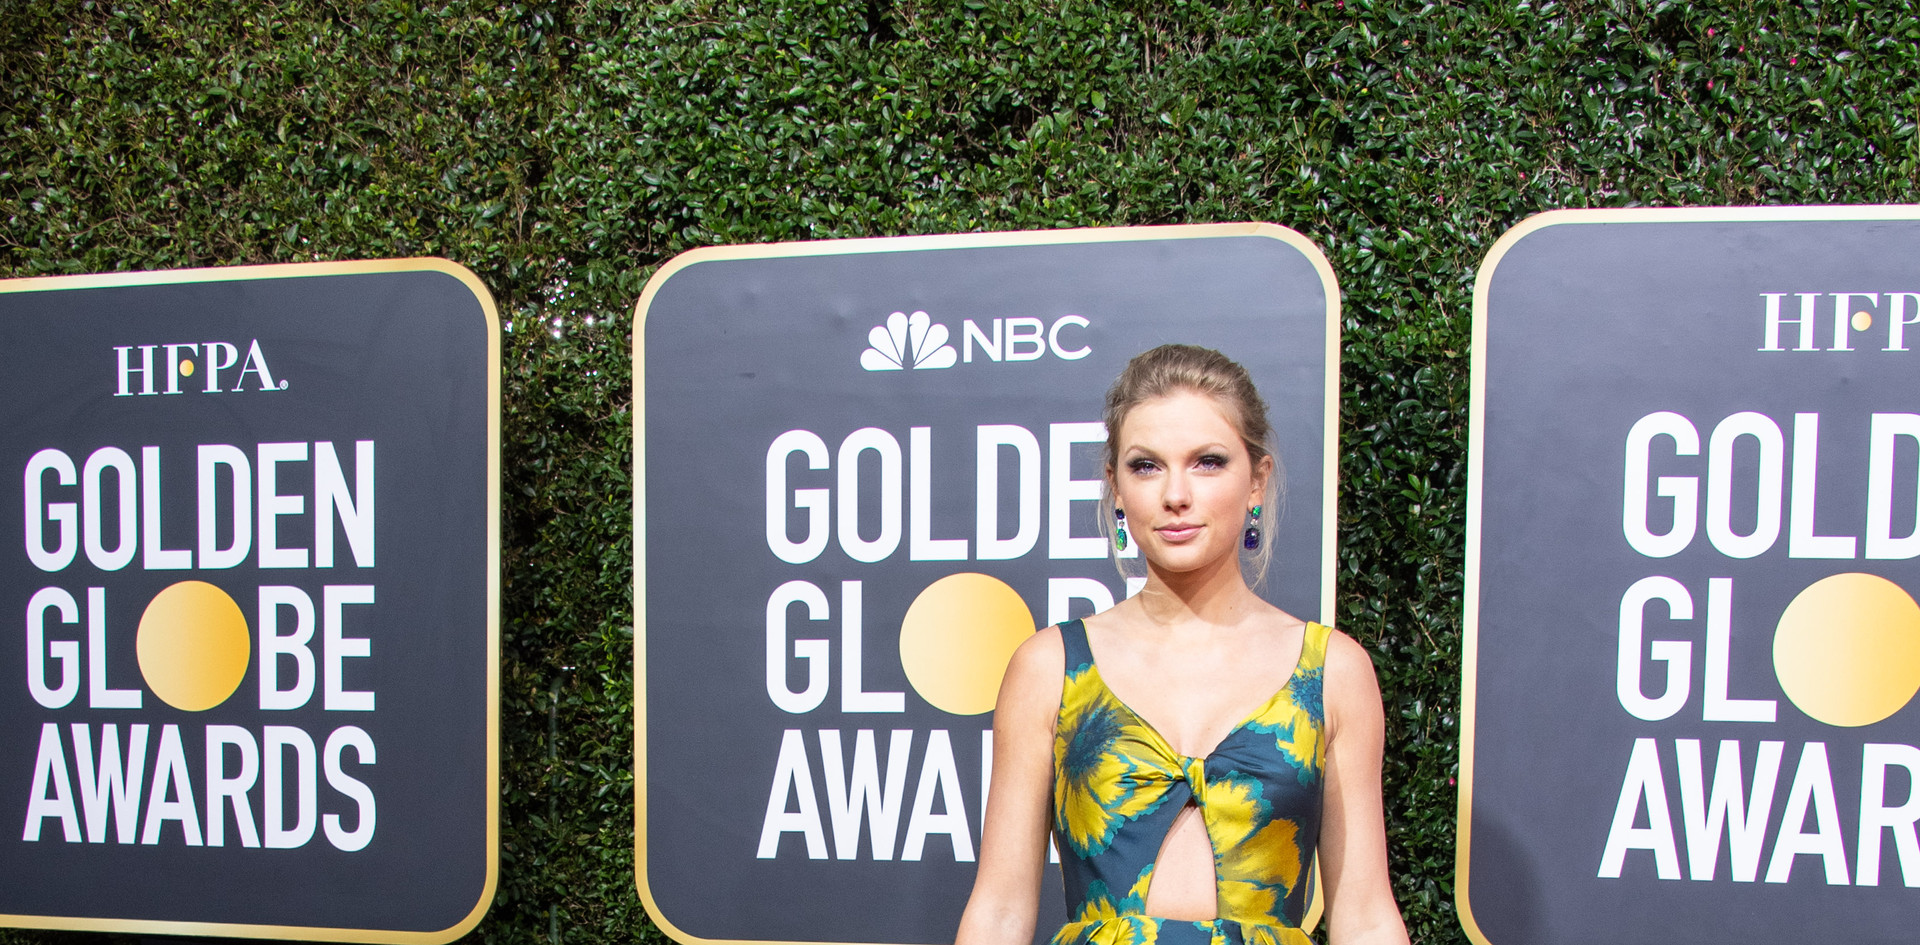 """Taylor Swift Taylor com um vestido comprido Etro Couture, sapatos Christian Louboutin e jóias Lorraine Schwartz   Taylor Swift foi nomeada para um Golden Globe, com a Melhor Canção Original: """"Beautiful Ghosts"""" no Filme:""""Cats"""", na passadeira vermelha do 77th Annual Golden Globe Awards, no Beverly Hilton em Beverly Hills, CA. Fotografia: HFPA Photographer."""